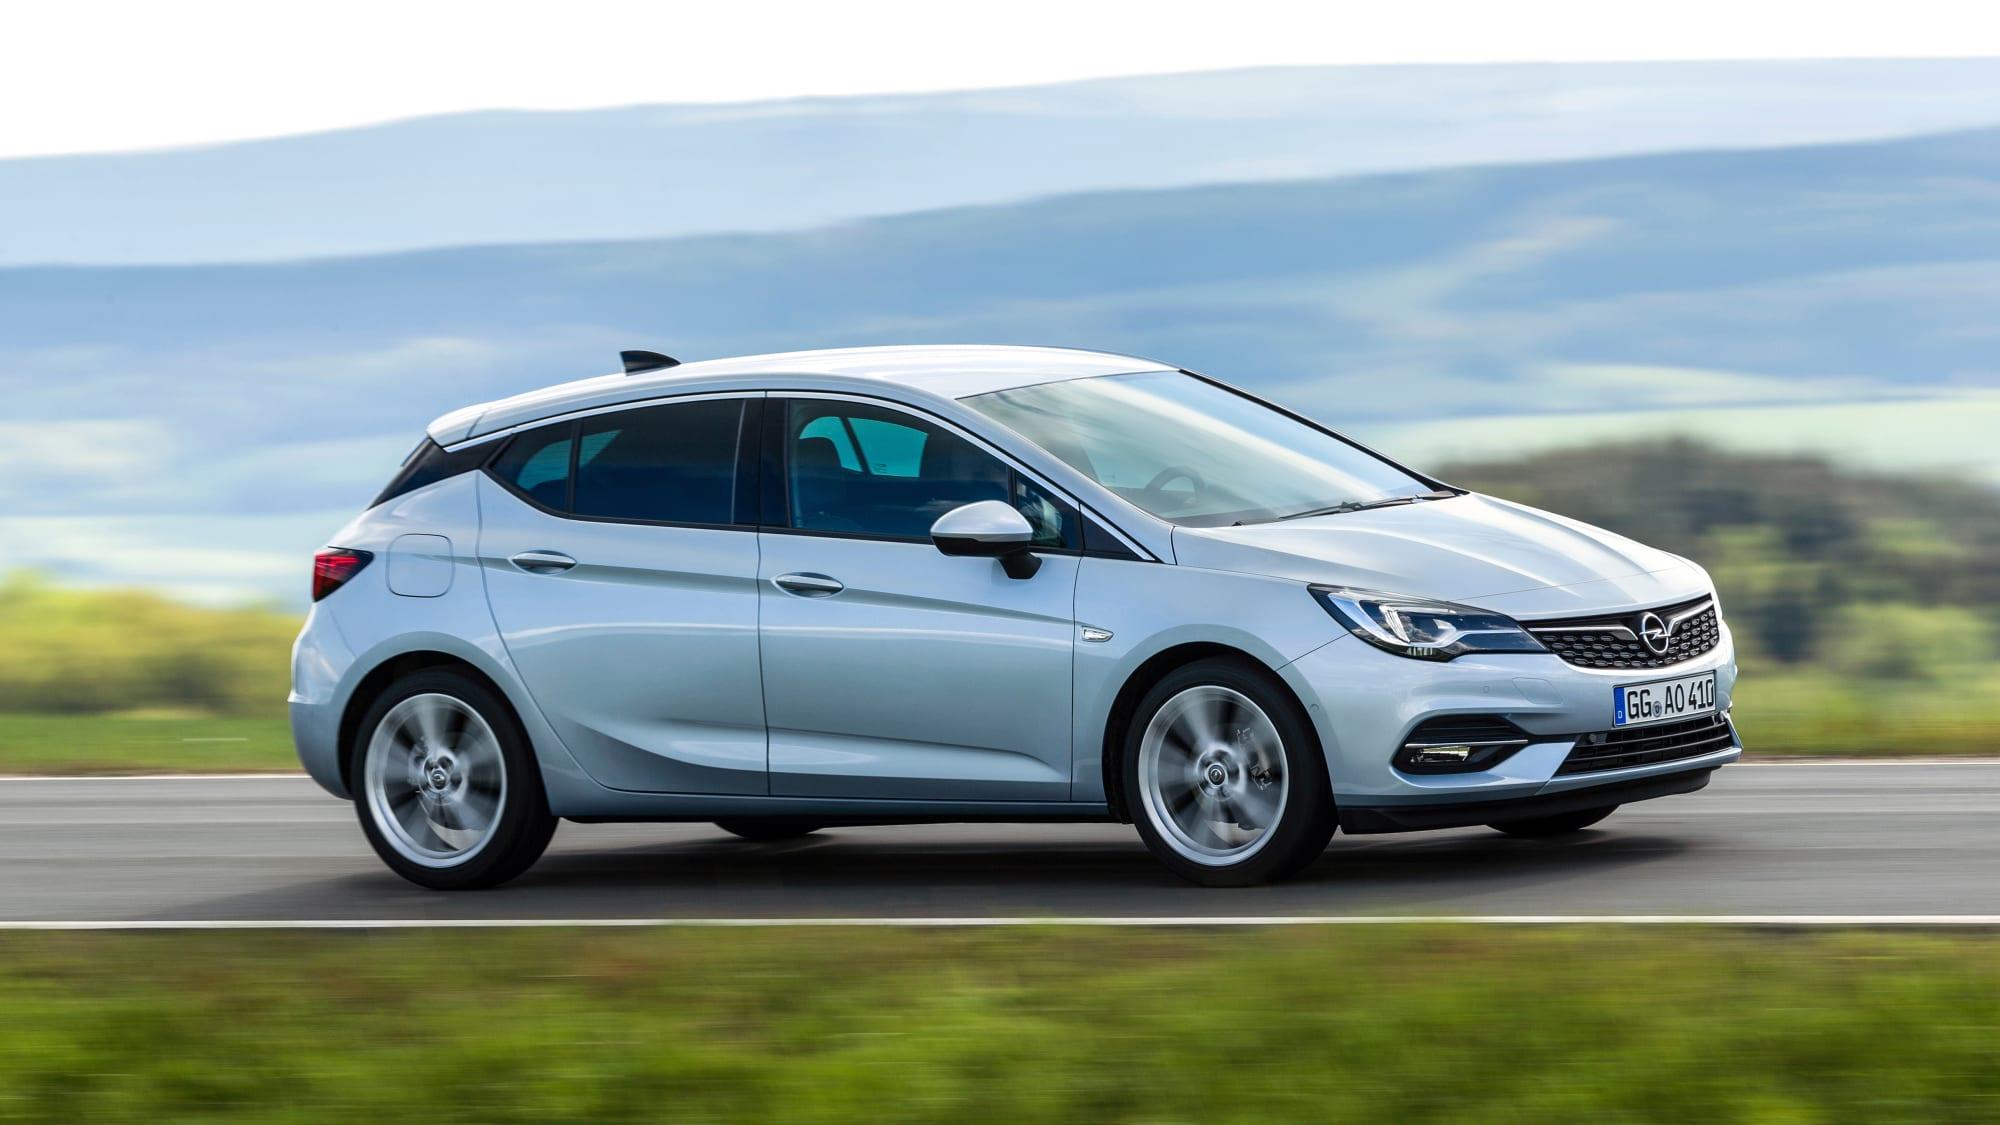 2020 Opel Astra Interior